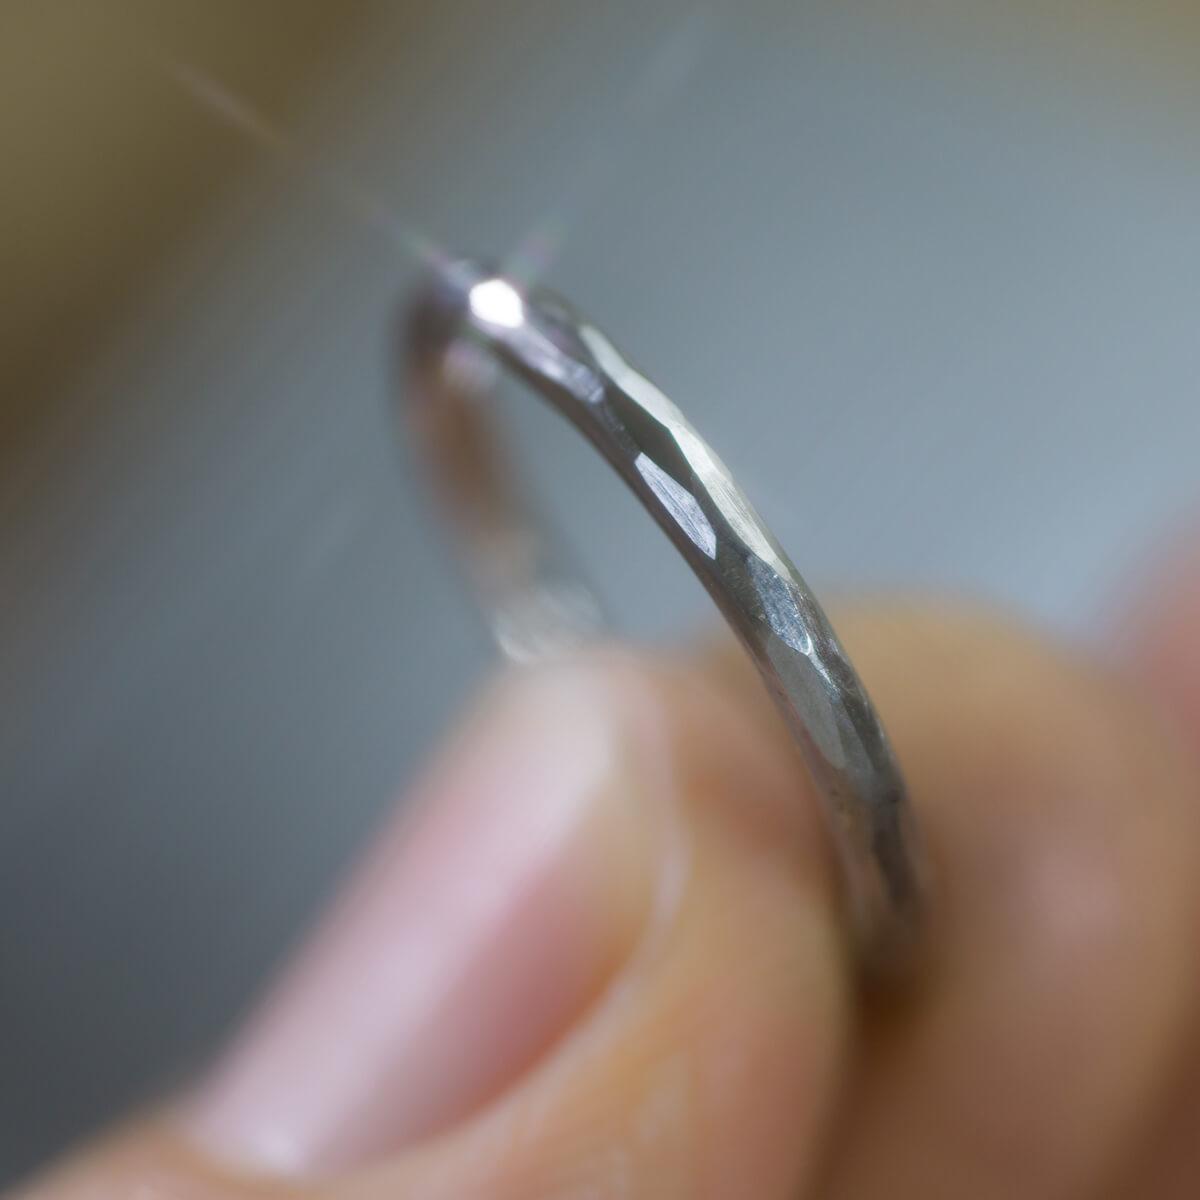 オーダーメイドマリッジリングの制作風景 ジュエリーのアトリエ プラチナリング 手に持って 屋久島でつくる結婚指輪